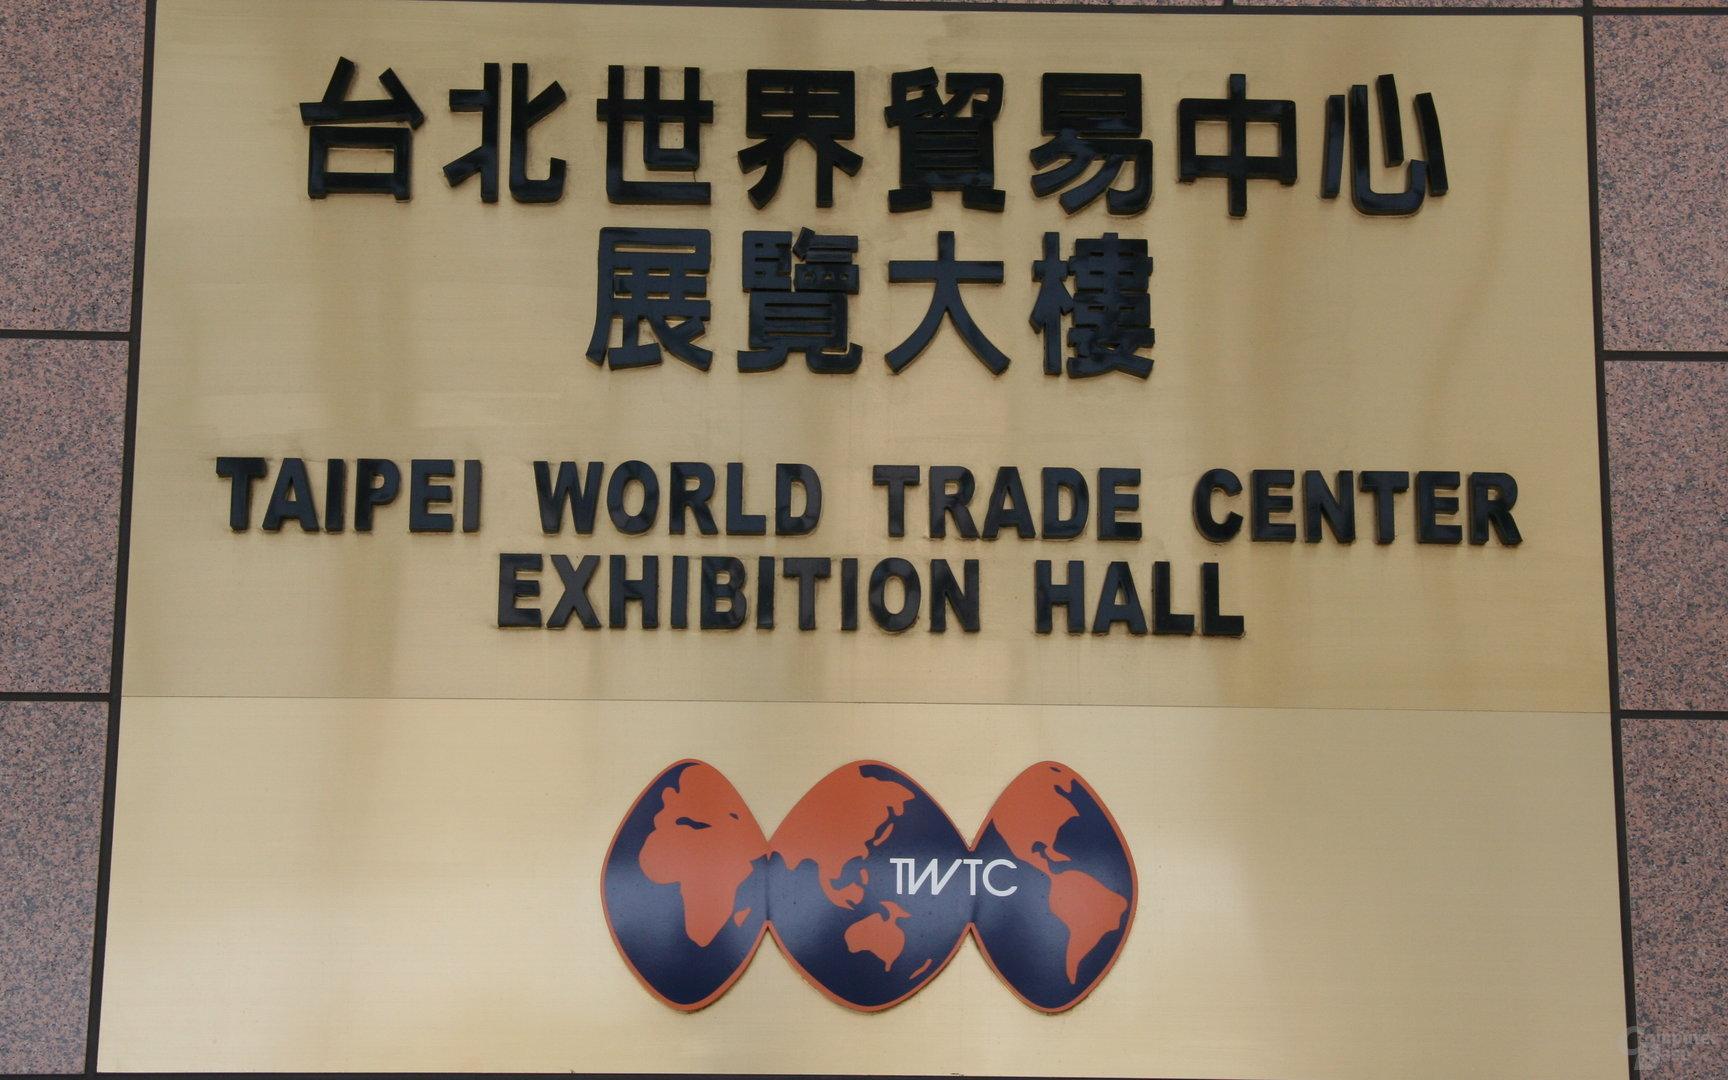 Taipeh